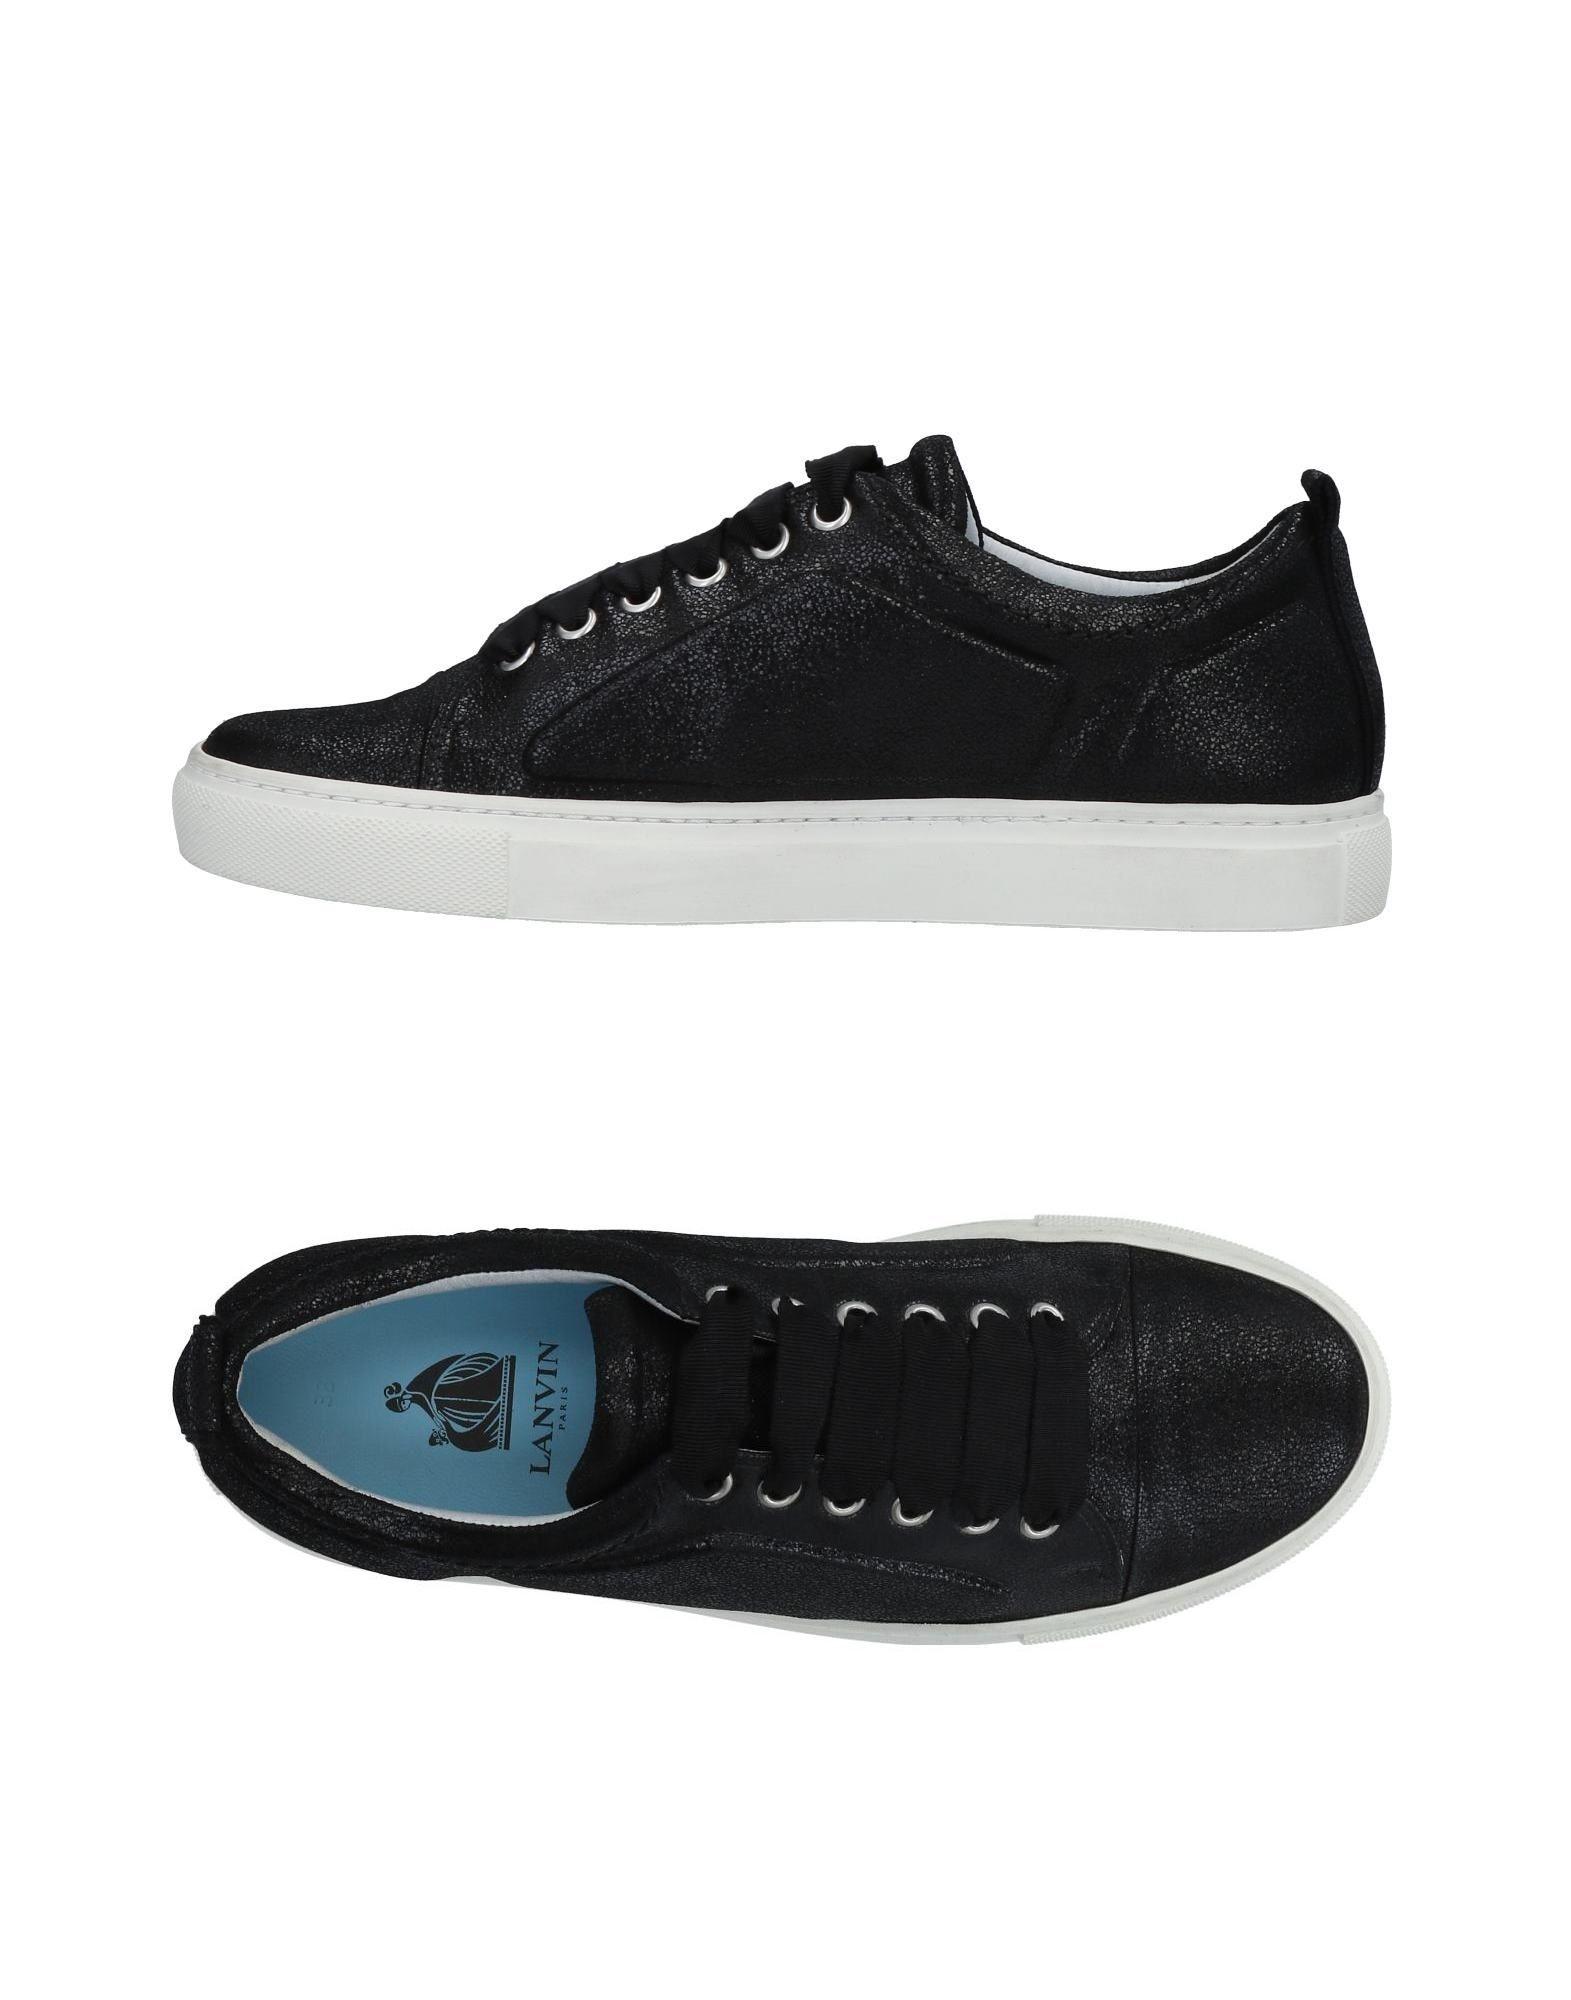 Negro Zapatillas Lanvin Mujer - Zapatillas Lanvin Lanvin Lanvin Nuevos , descuento por tiempo limitado fe226f